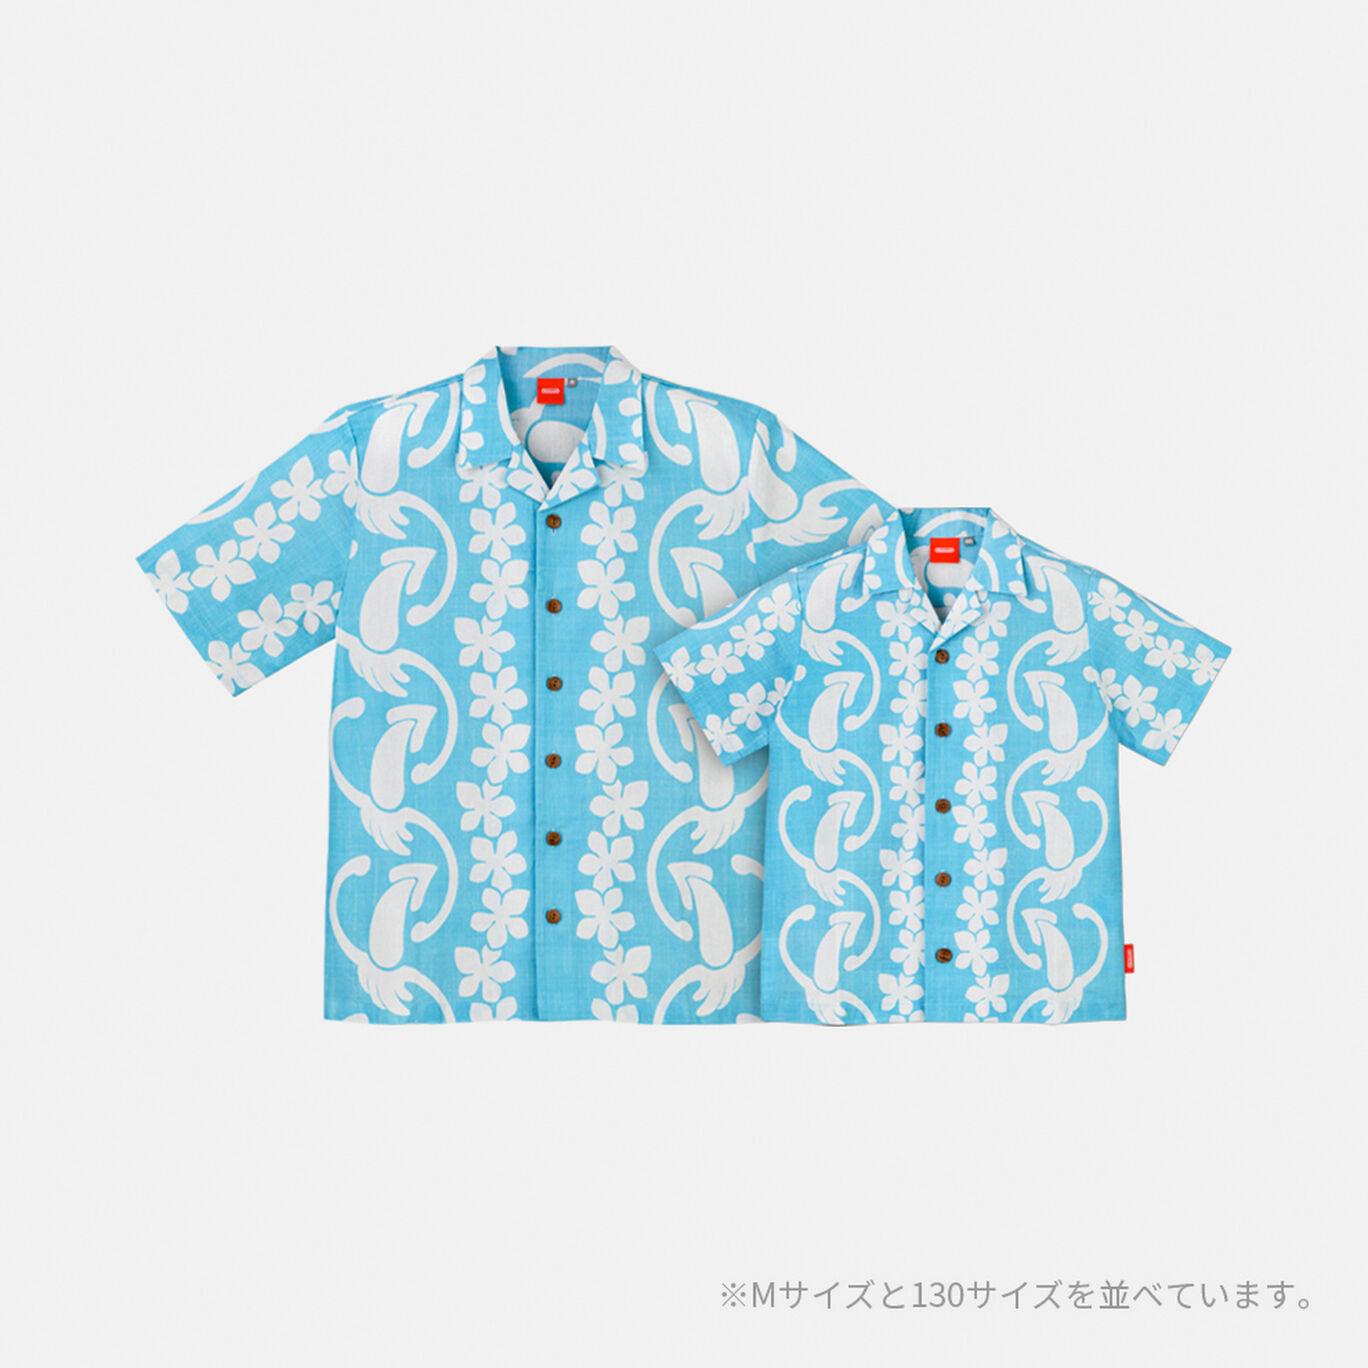 おどるイカアロハ130 Splatoon 【Nintendo TOKYO取り扱い商品】